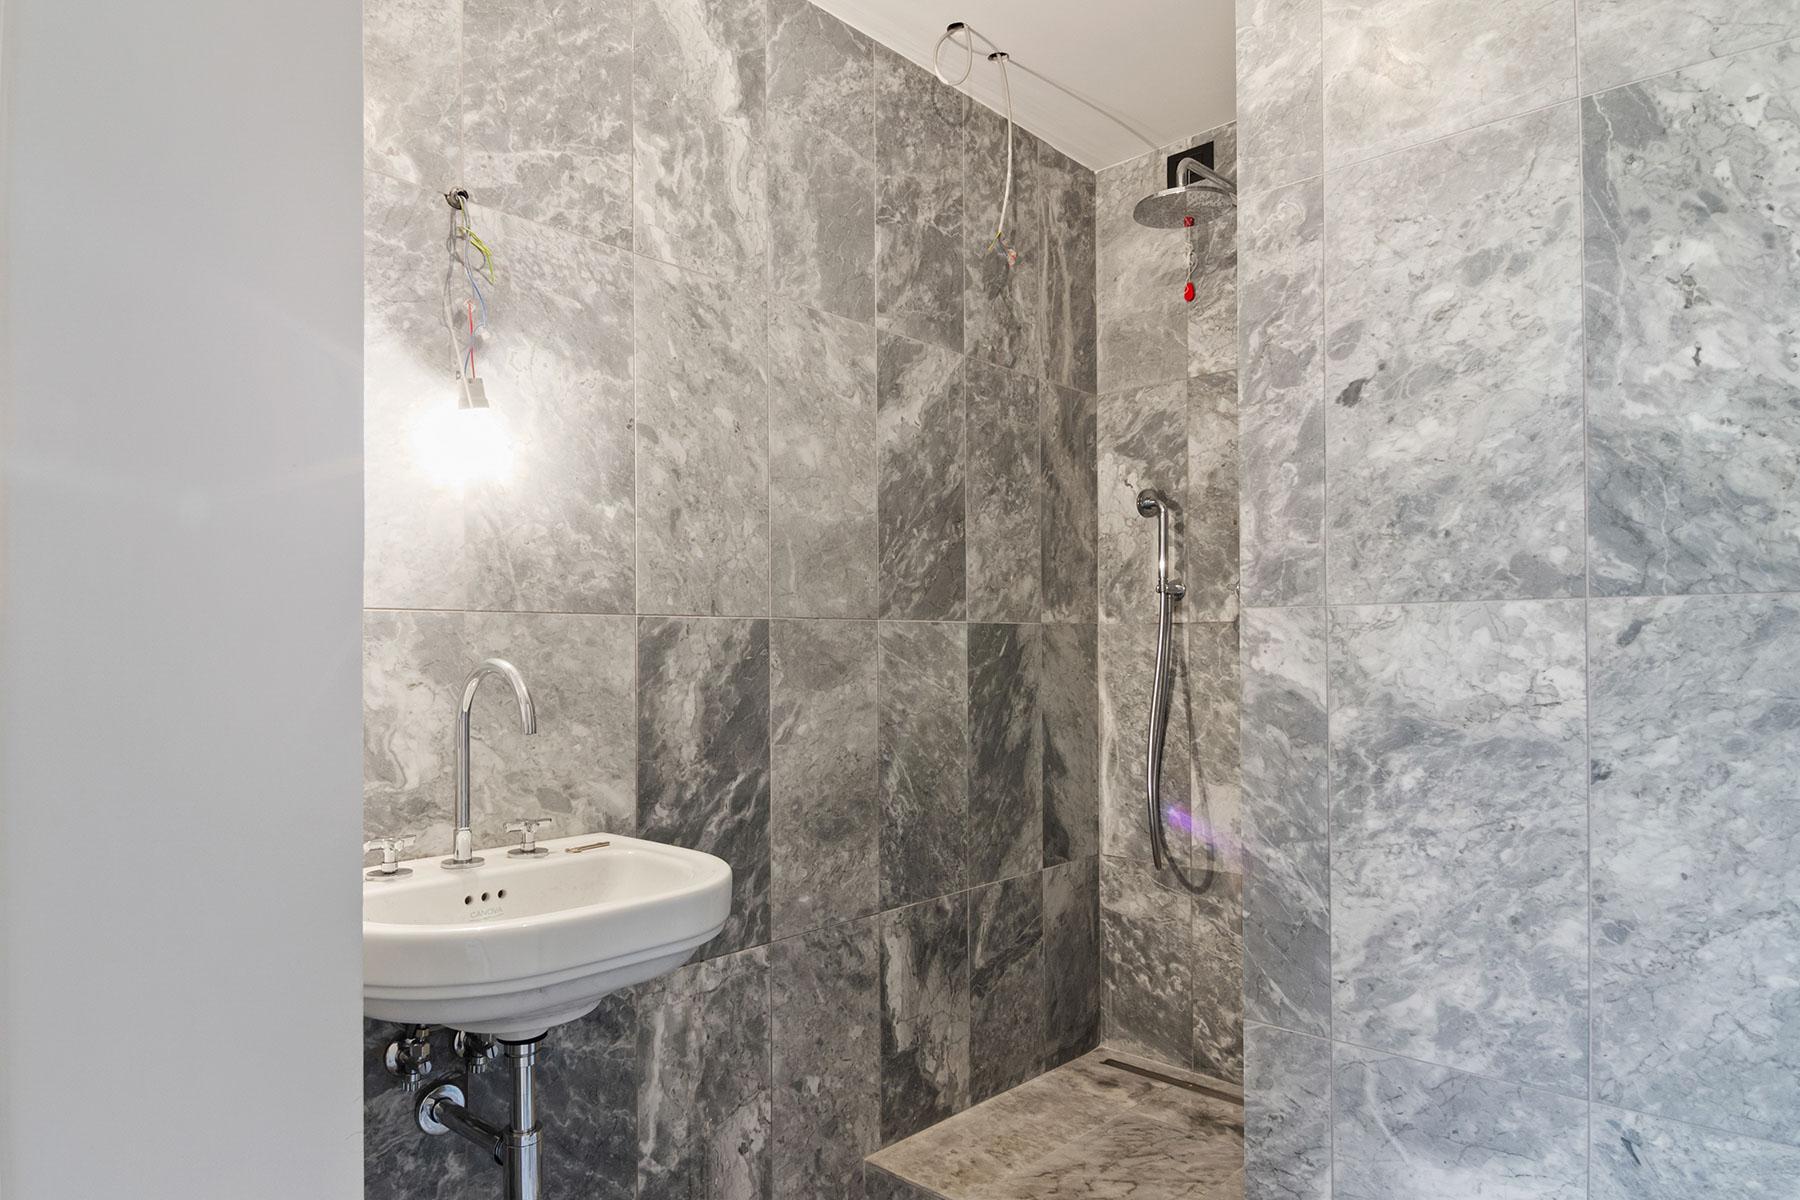 Appartamento in Vendita a Santa Margherita Ligure: 5 locali, 150 mq - Foto 9